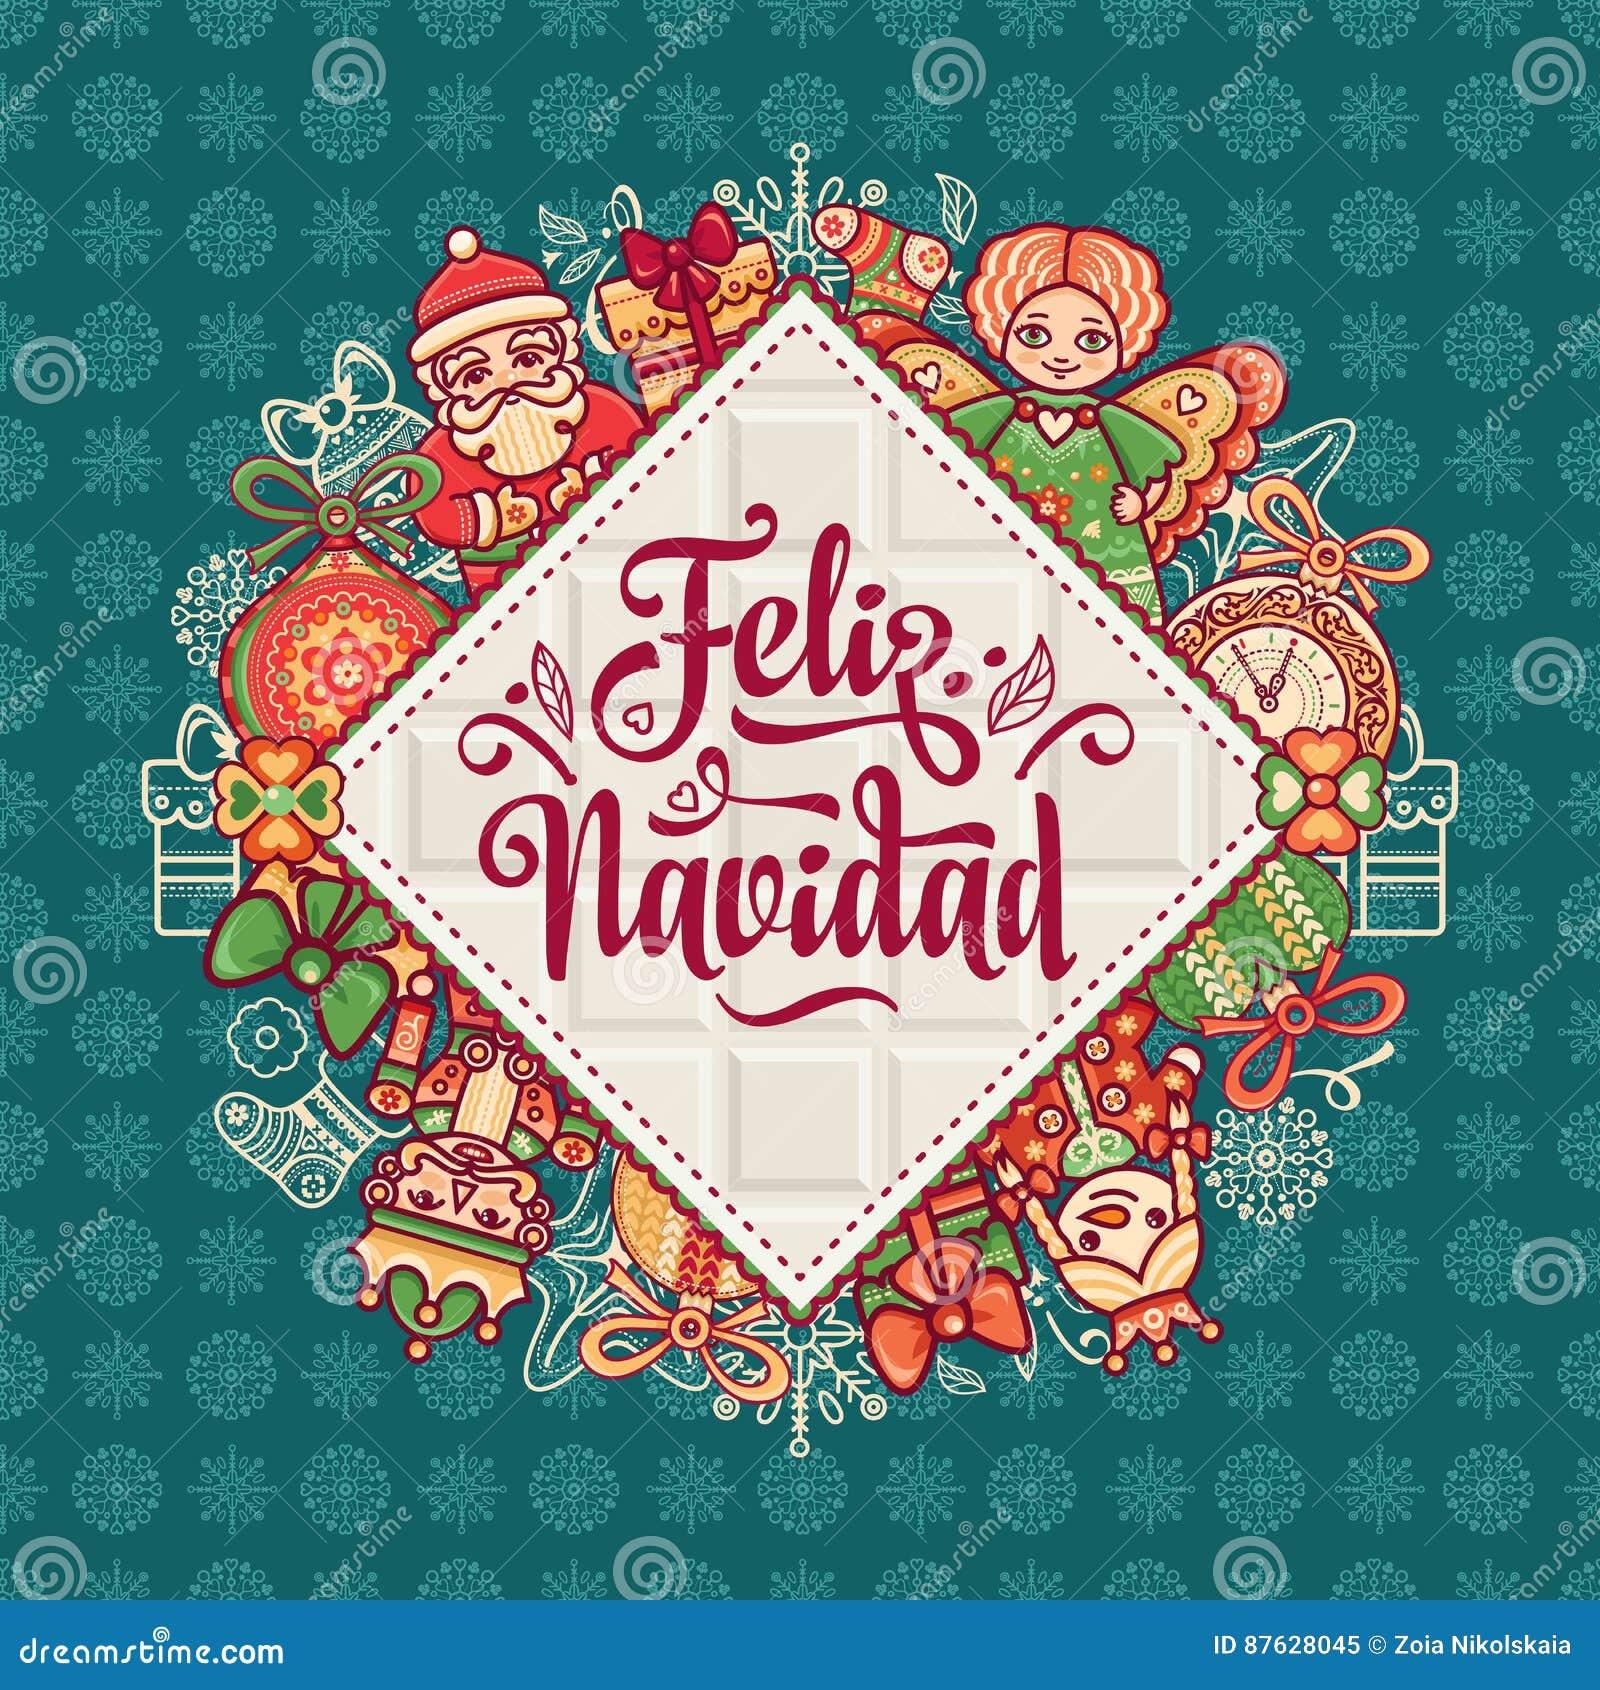 Weihnachtskarten Englisch Kostenlos.Feliz Navidad Weihnachtskarte Auf Spanischer Sprache Vektor